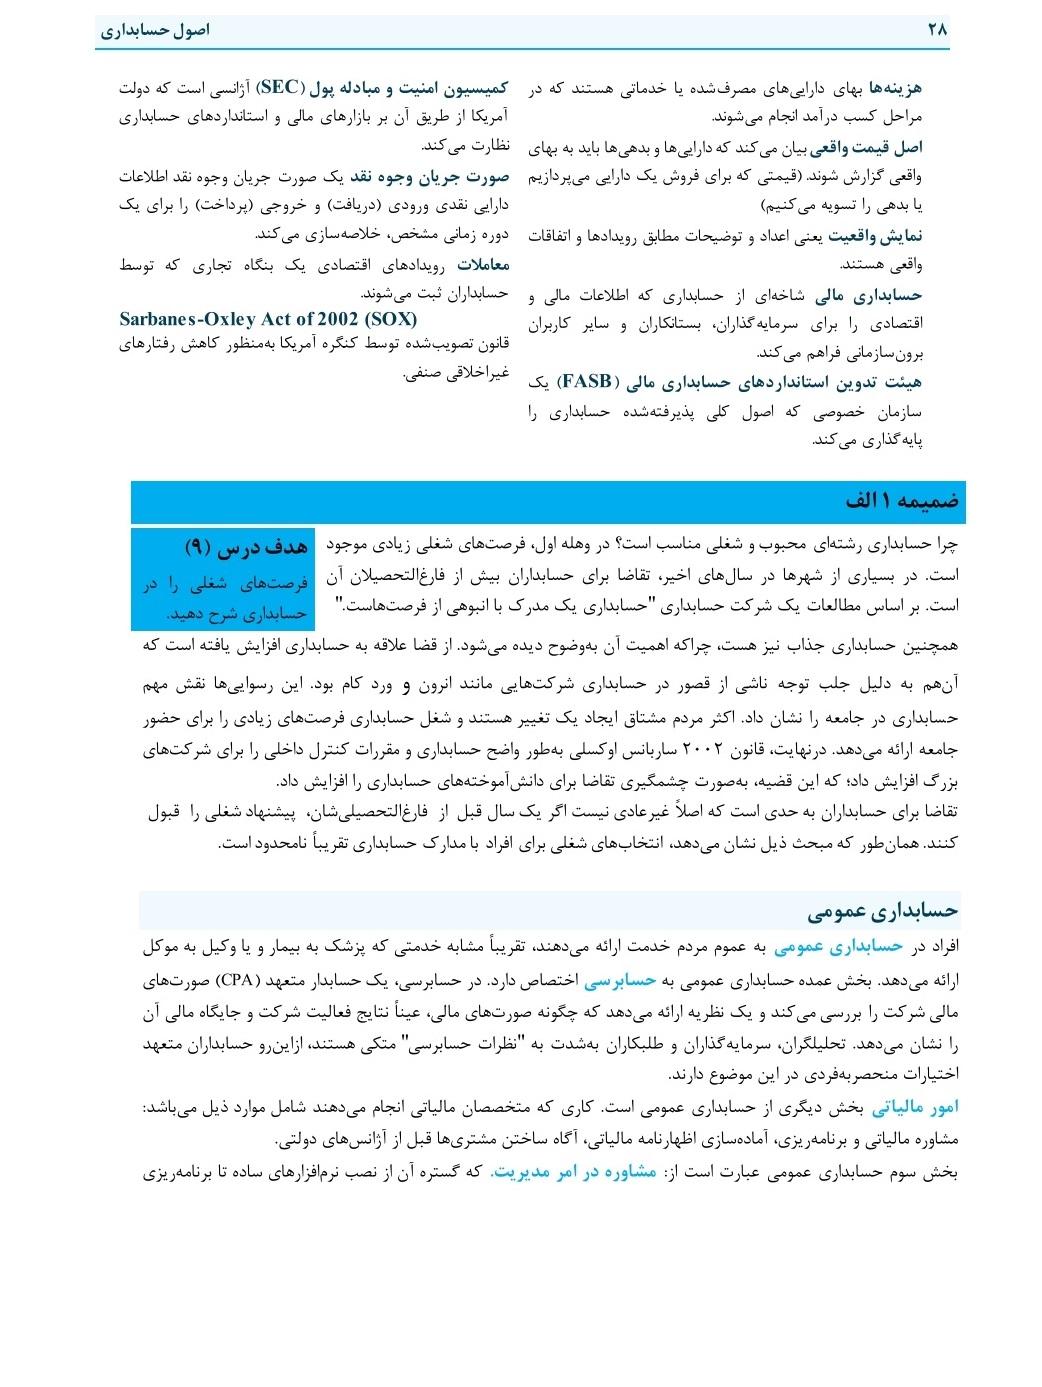 دانلود پی دی اف کتاب اصول حسابداری - 270 صفحه PDF